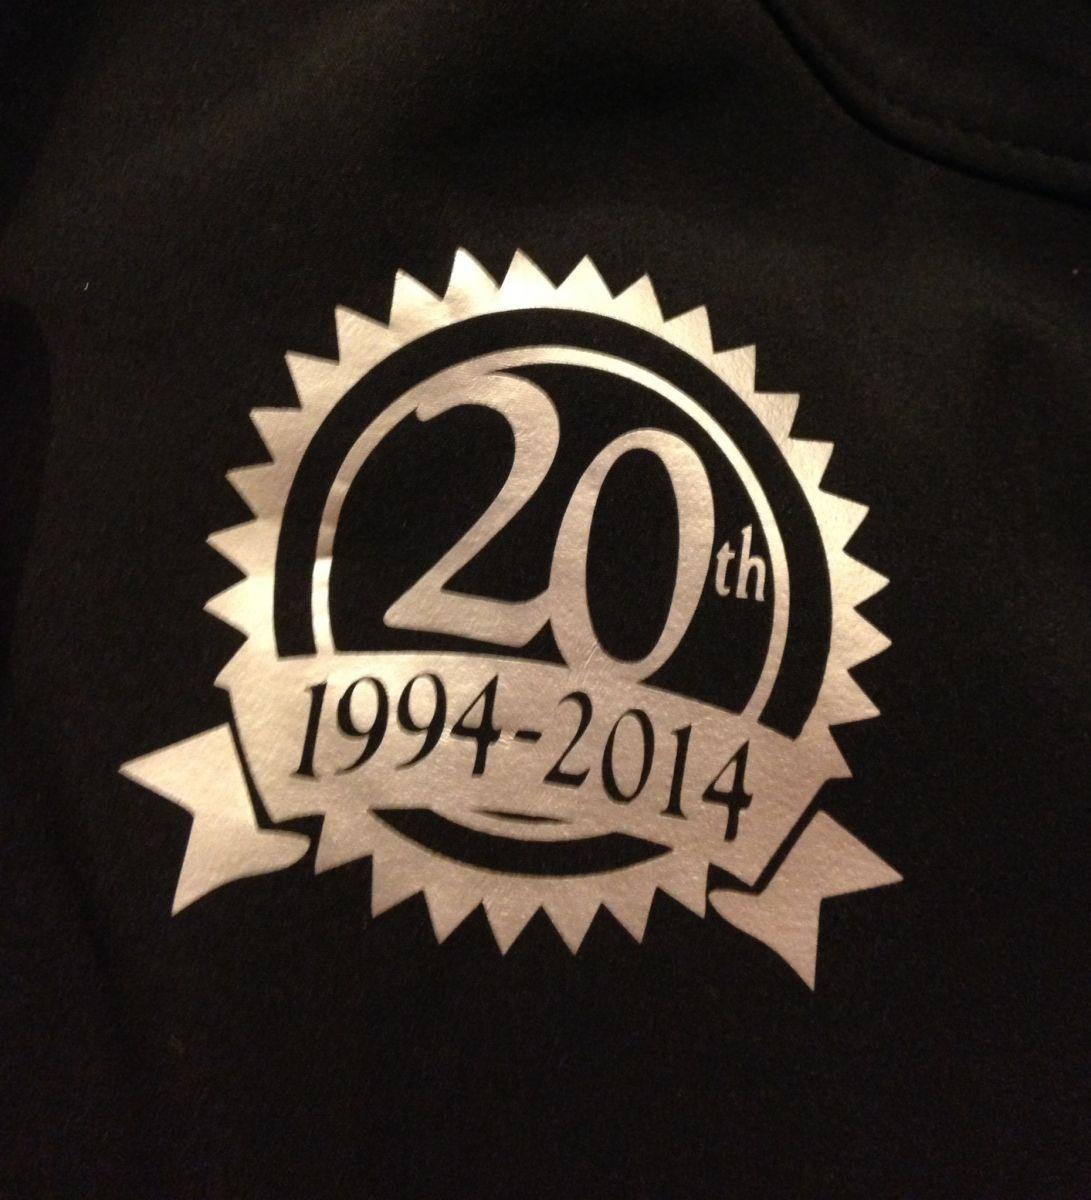 20th year